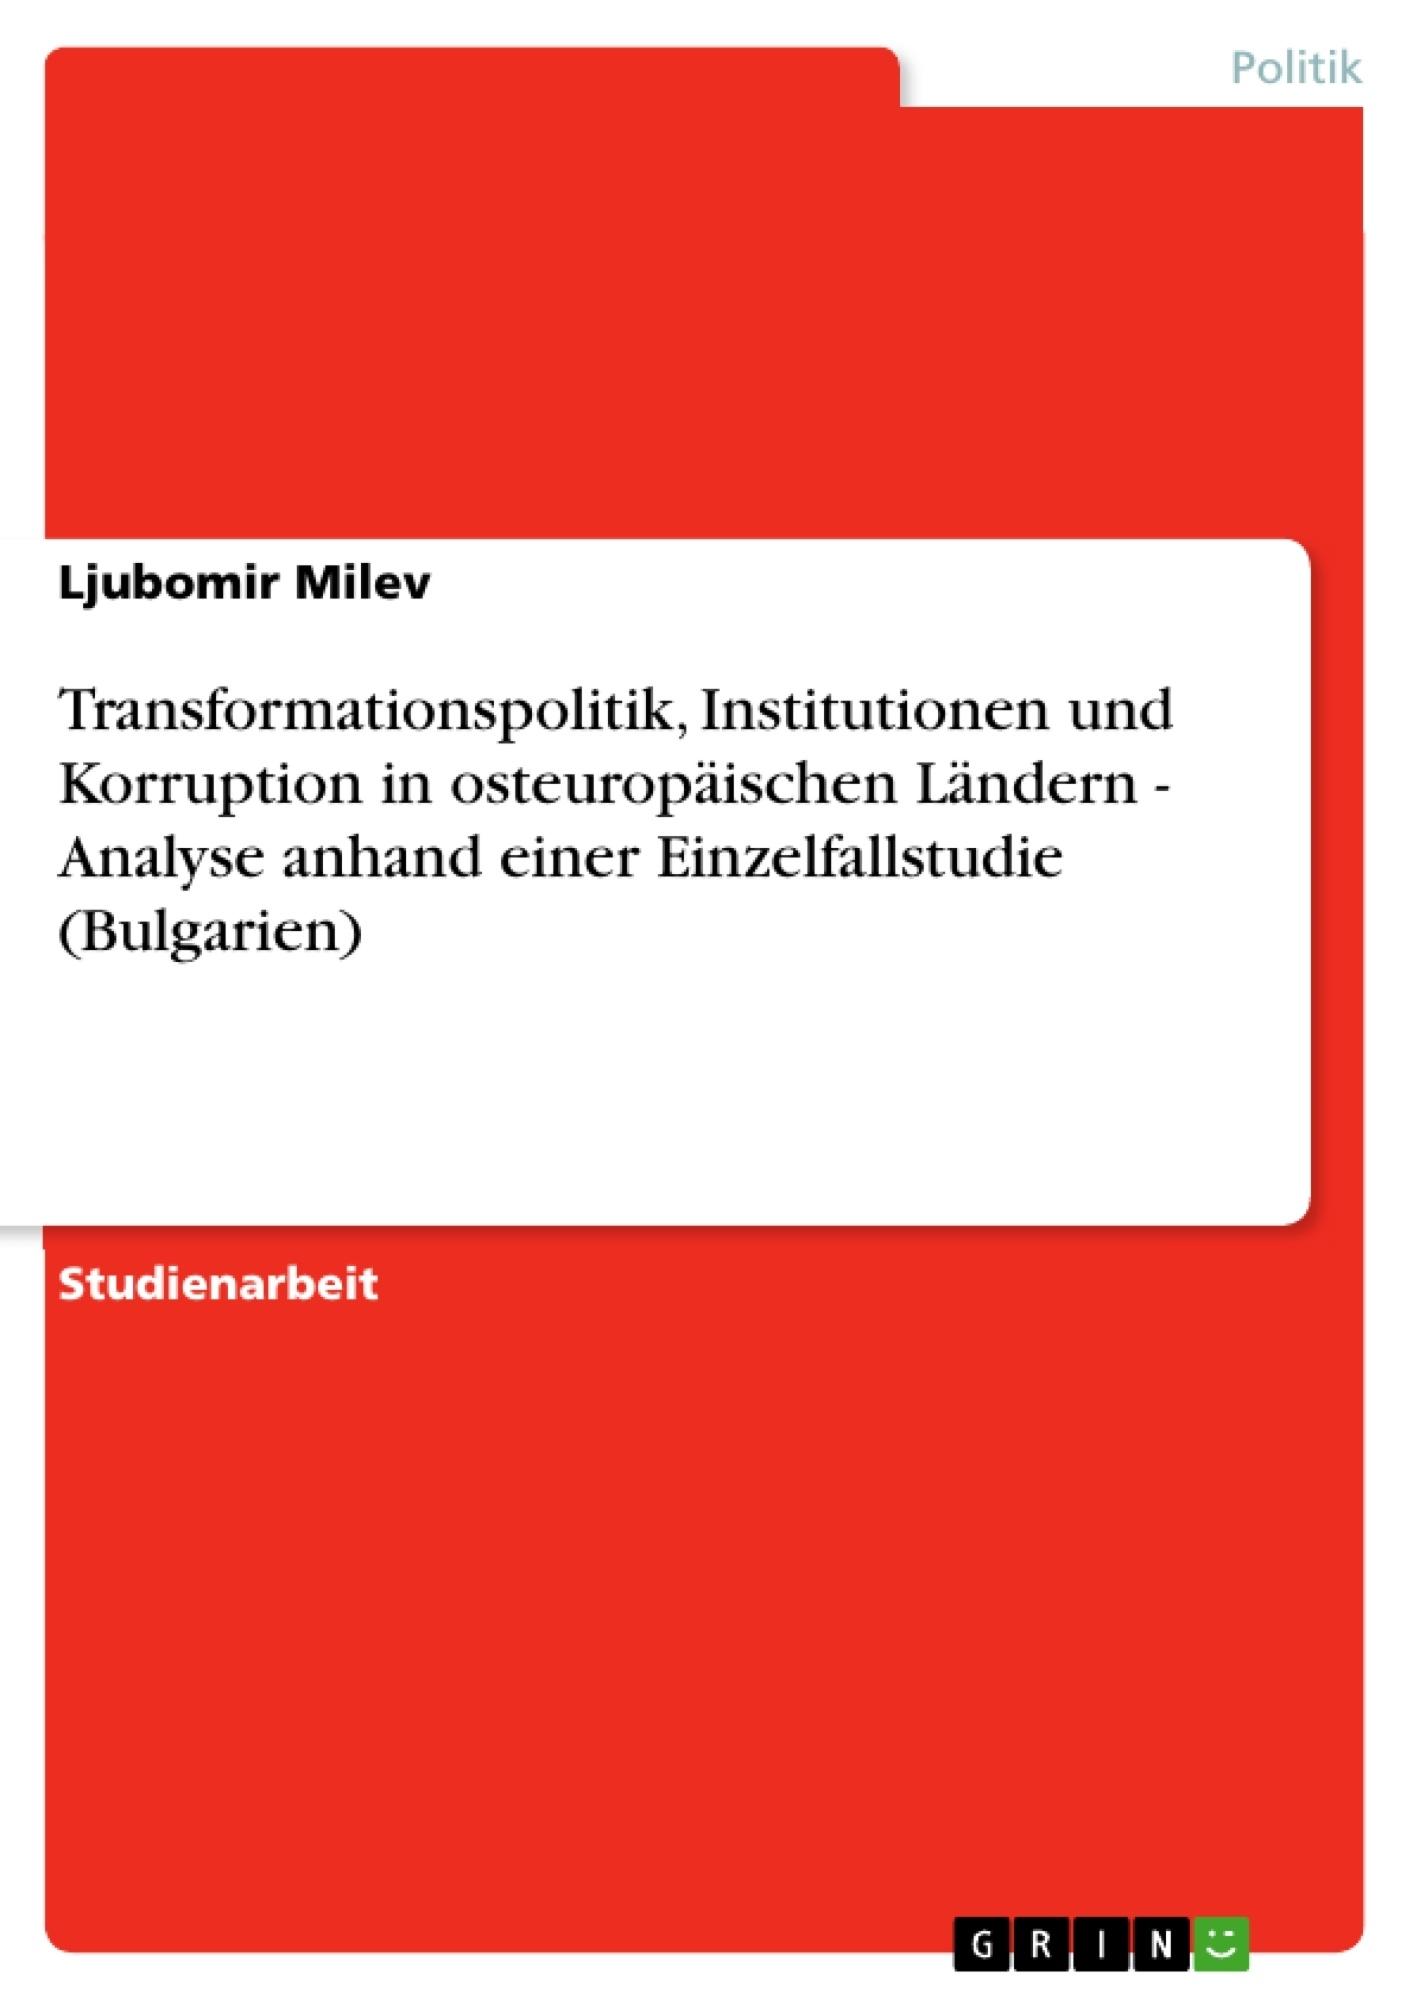 Titel: Transformationspolitik, Institutionen und Korruption in osteuropäischen Ländern - Analyse anhand einer Einzelfallstudie (Bulgarien)